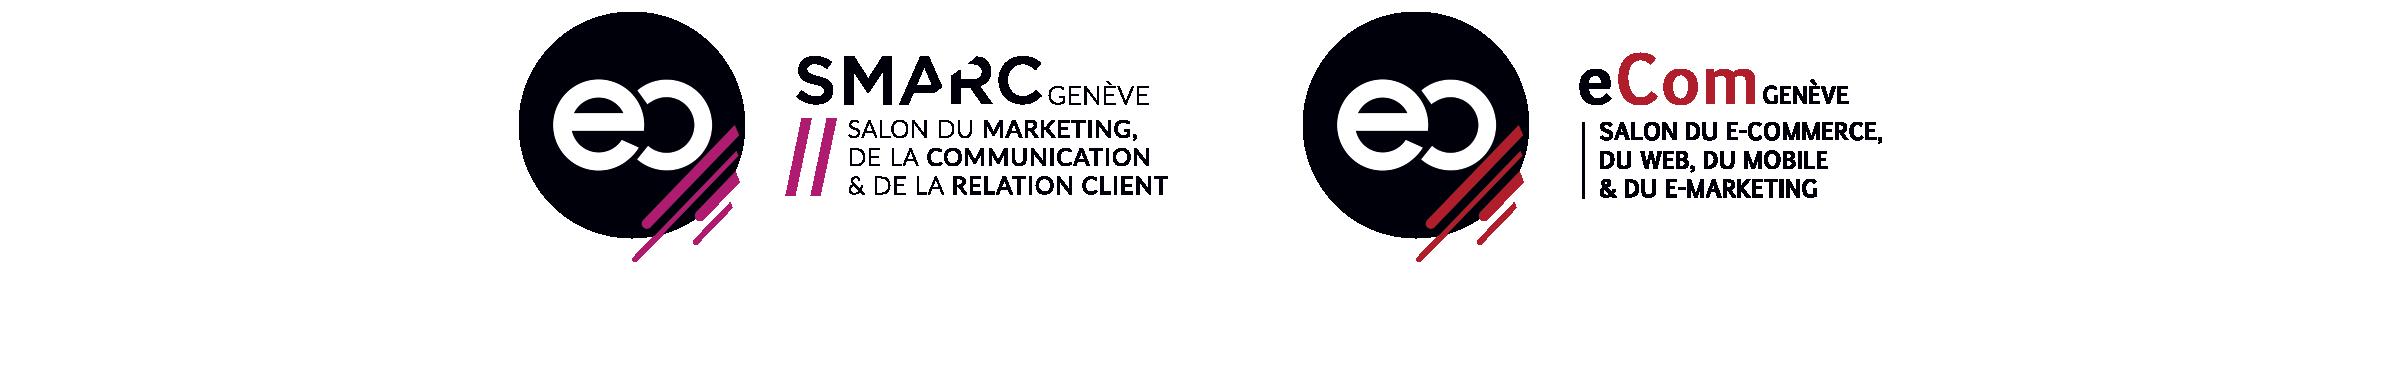 EC-LOGO2